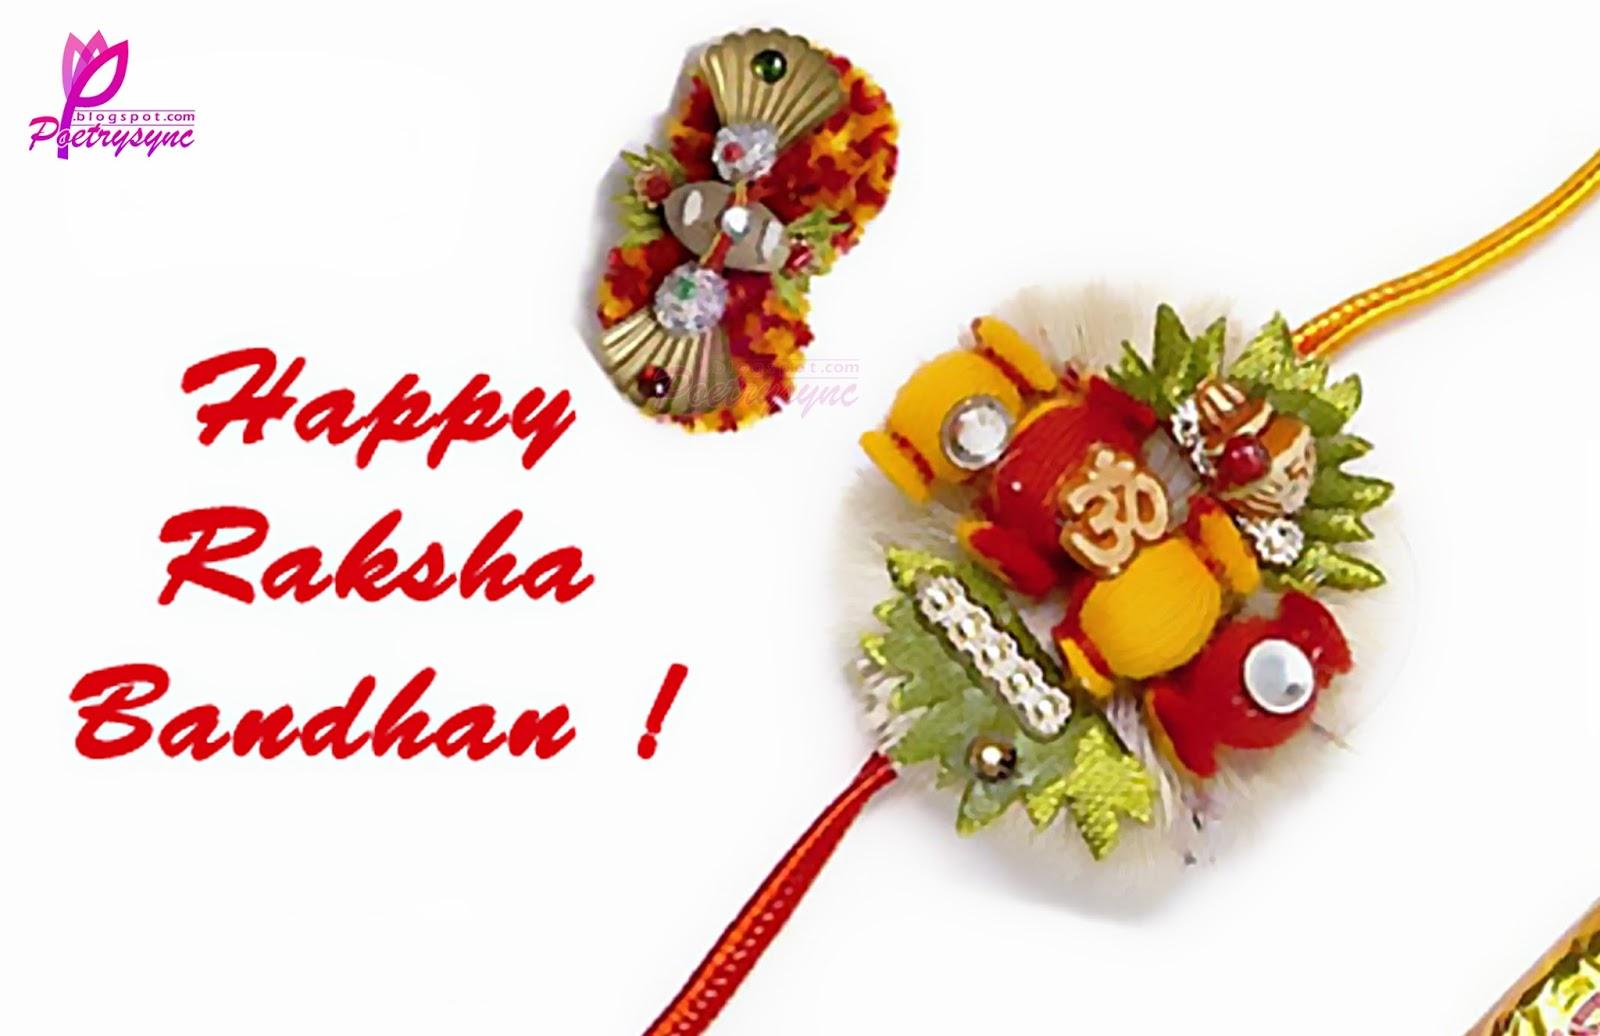 Rakshabandhanimagespot happy raksha bandhan images greetings raksha bandhan image thecheapjerseys Choice Image